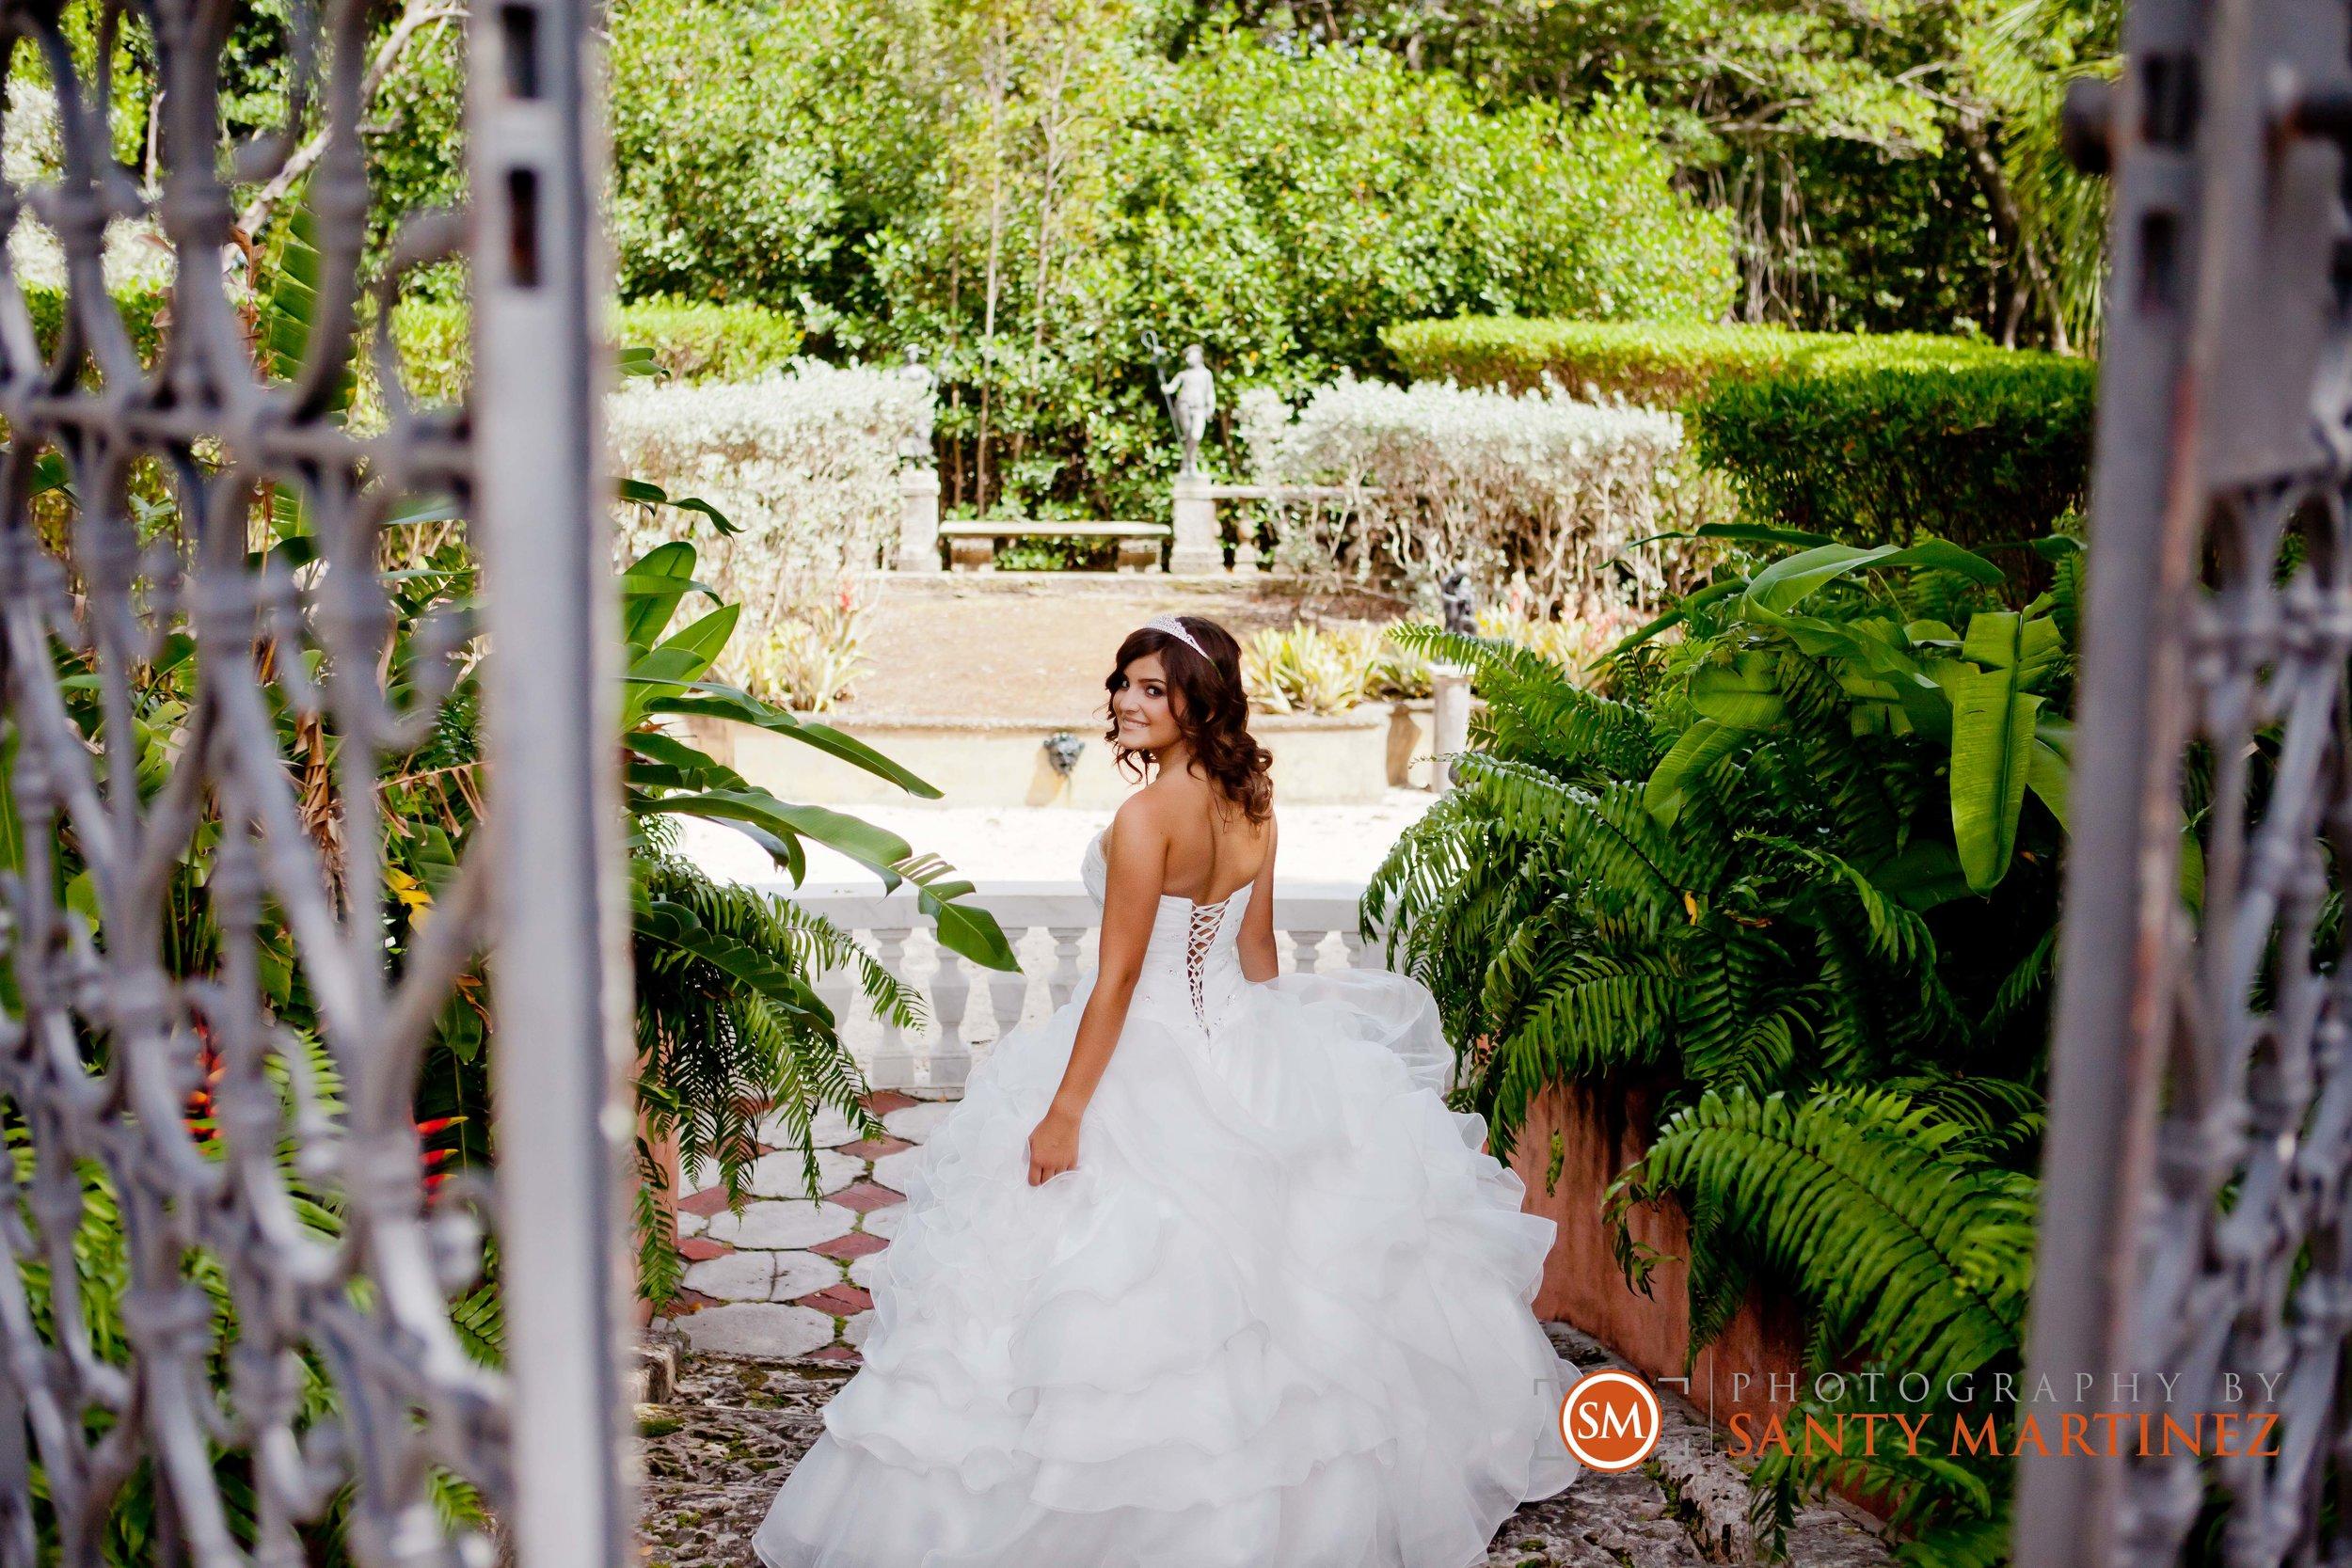 Miami Quinces Photographers - Santy Martinez -14.jpg